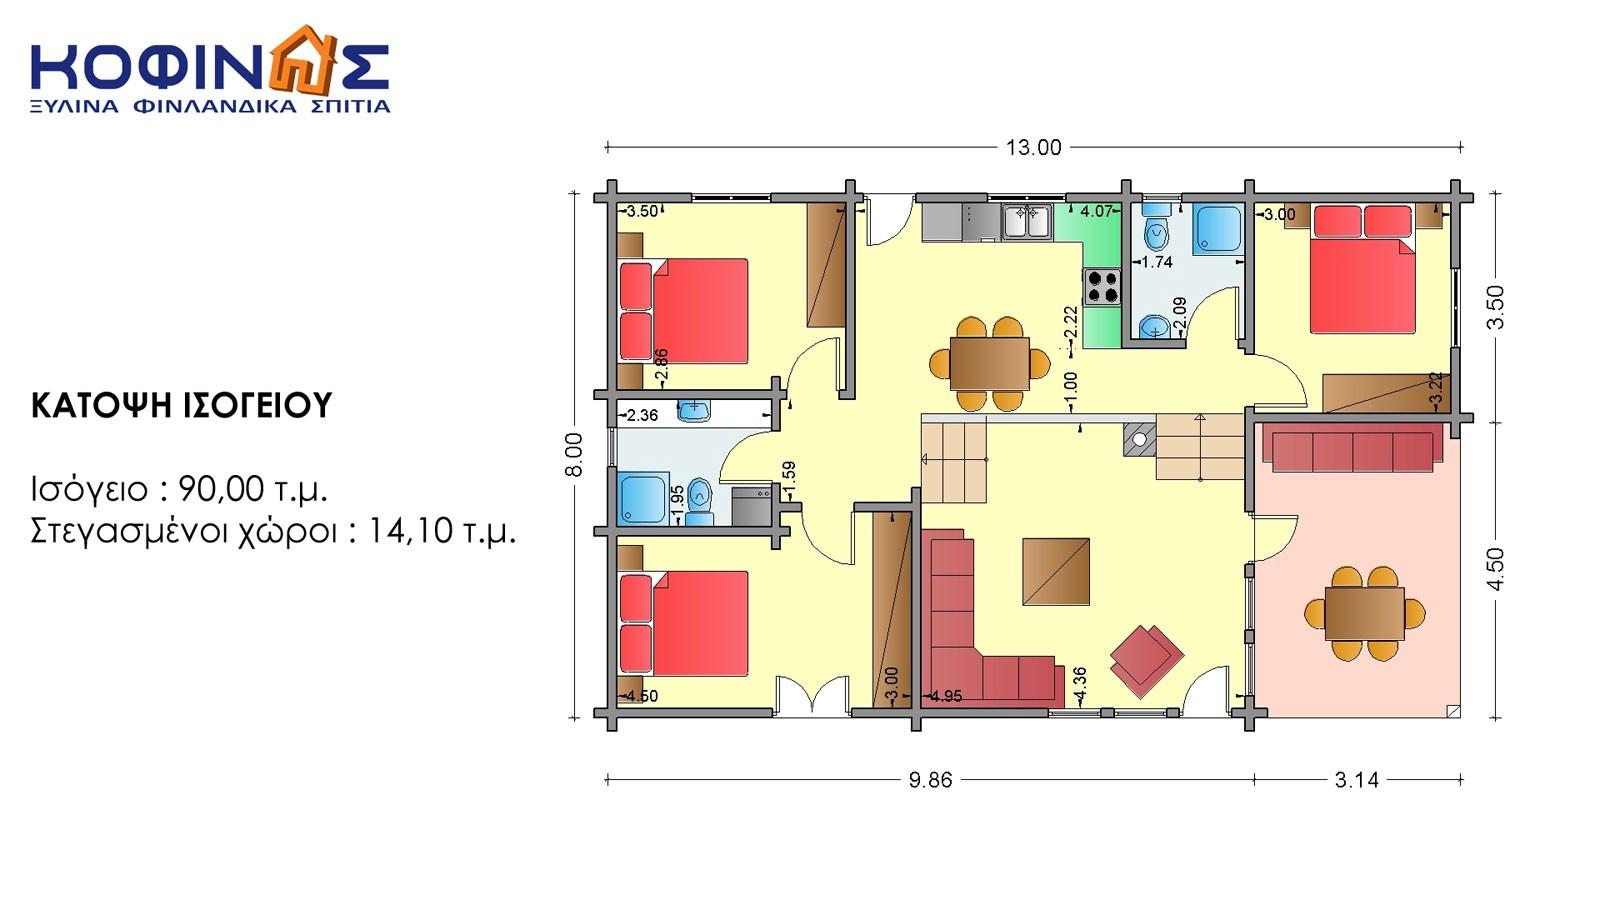 Ισόγεια Ξύλινη Κατοικία XI-90, συνολικής επιφάνειας 90,00 τ.μ.